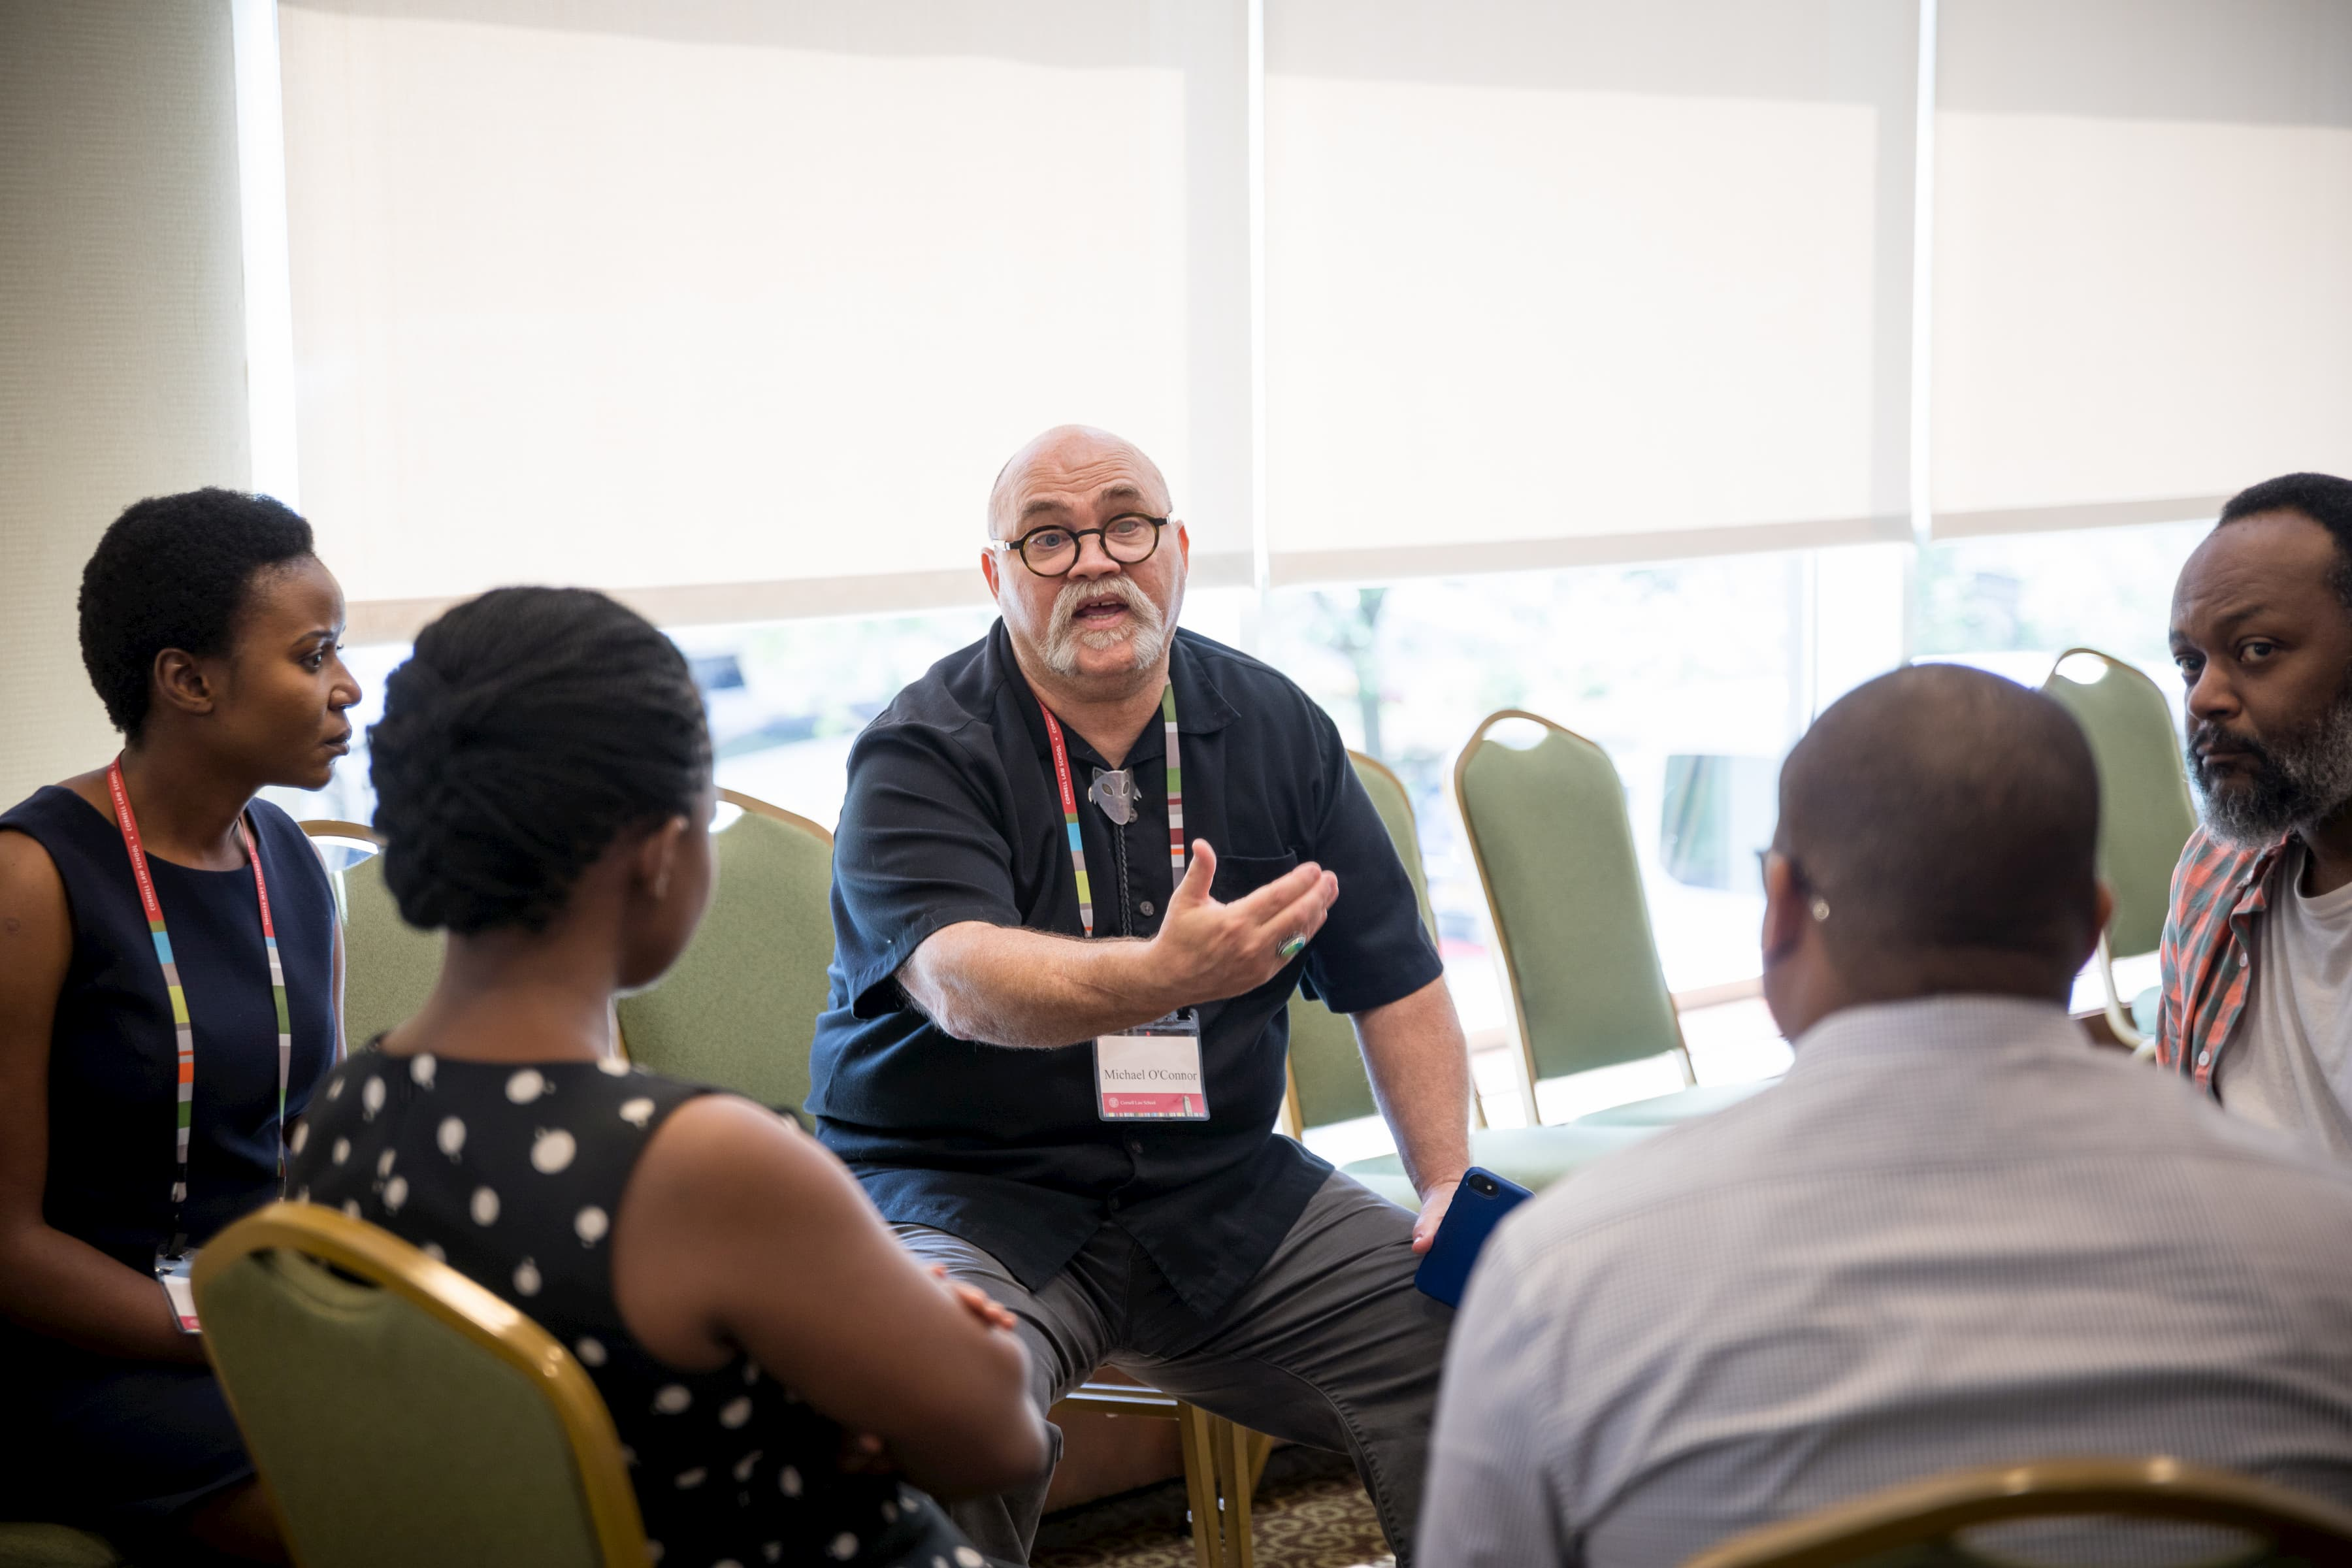 Un homme portant des lunettes et une chemise noire parlent. Quatre personnes autour de lui l'écoutent.